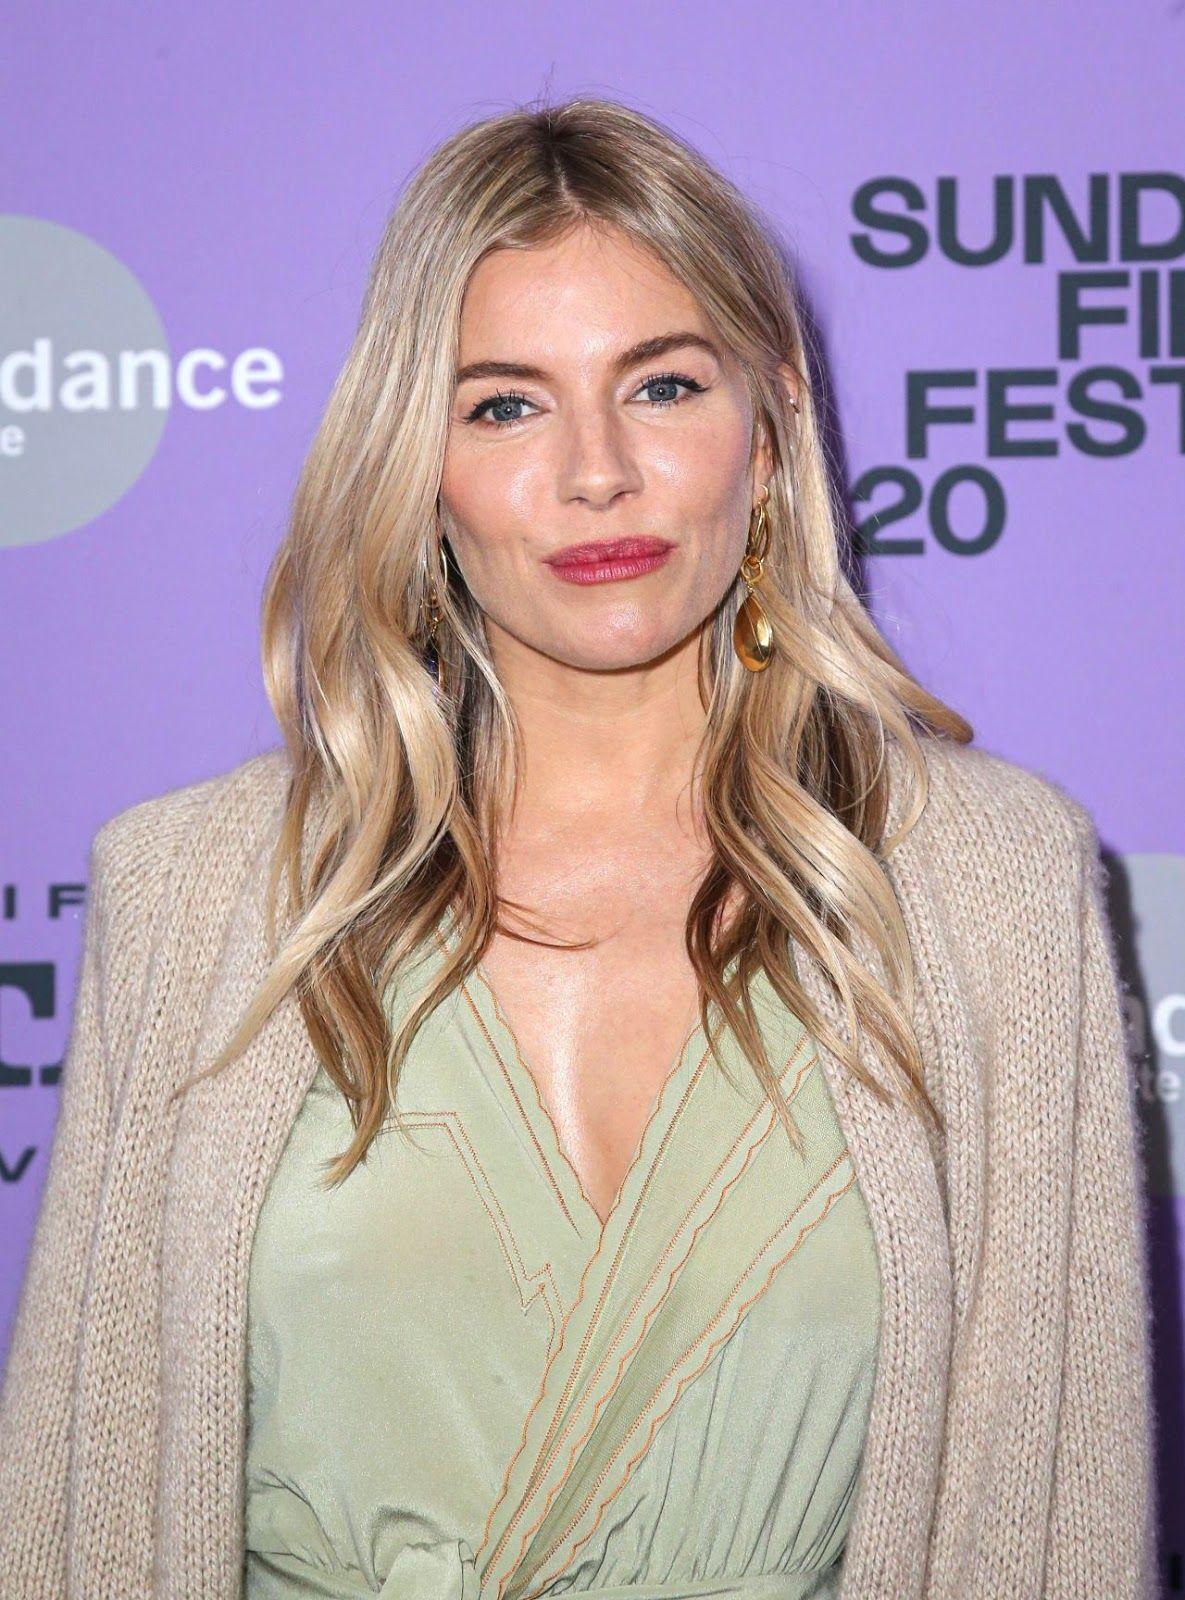 Sienna Miller Wander Darkly Premiere At Sundance Film Festival In 2020 Sienna Miller Sundance Film Festival Premiere